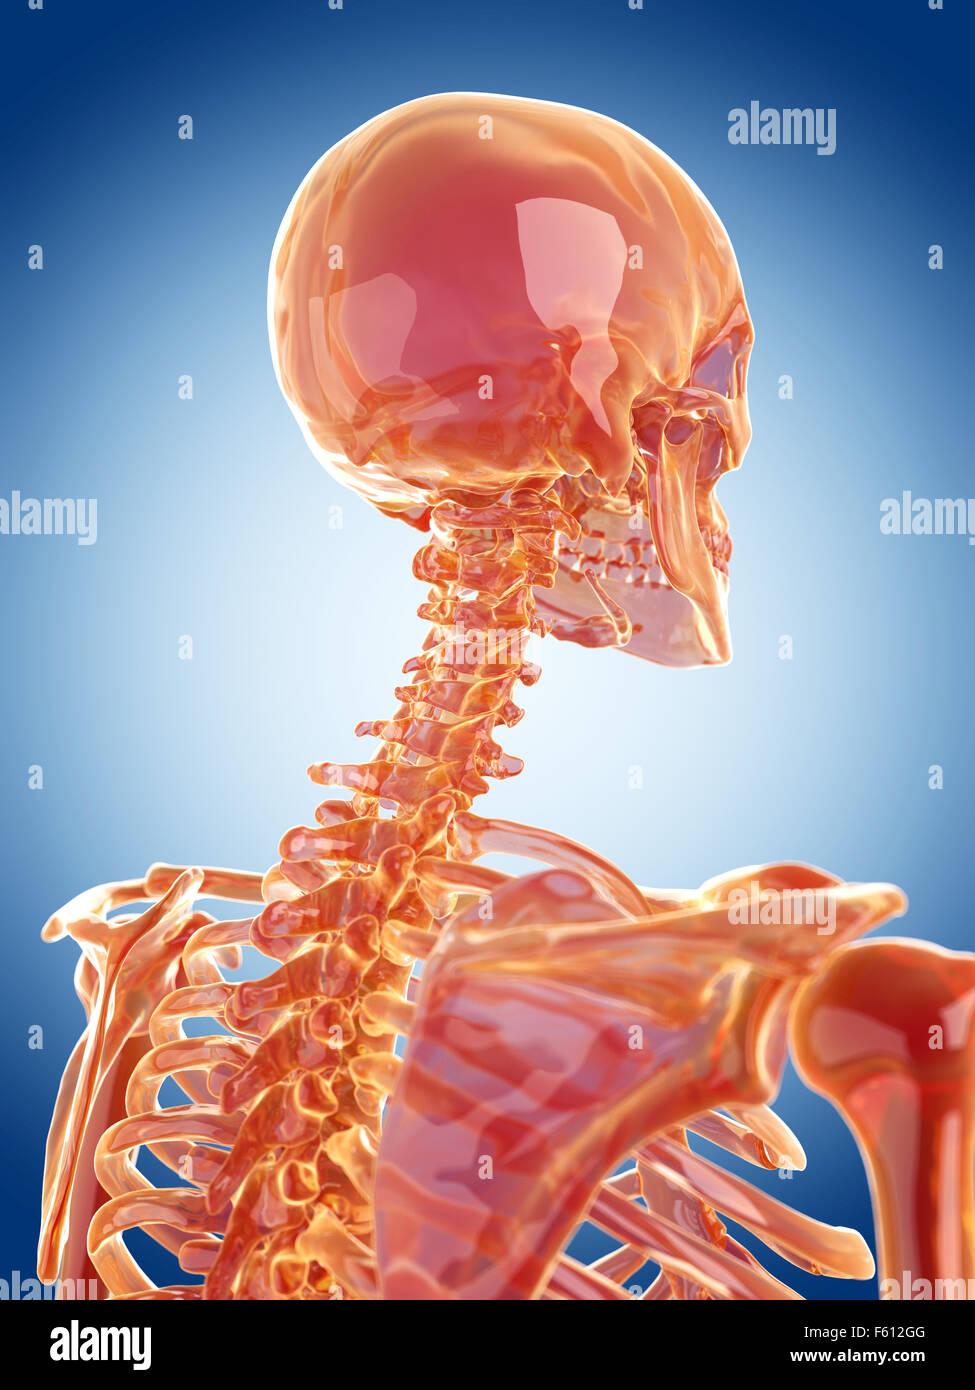 glass skeleton illustration - the cervical spine - Stock Image